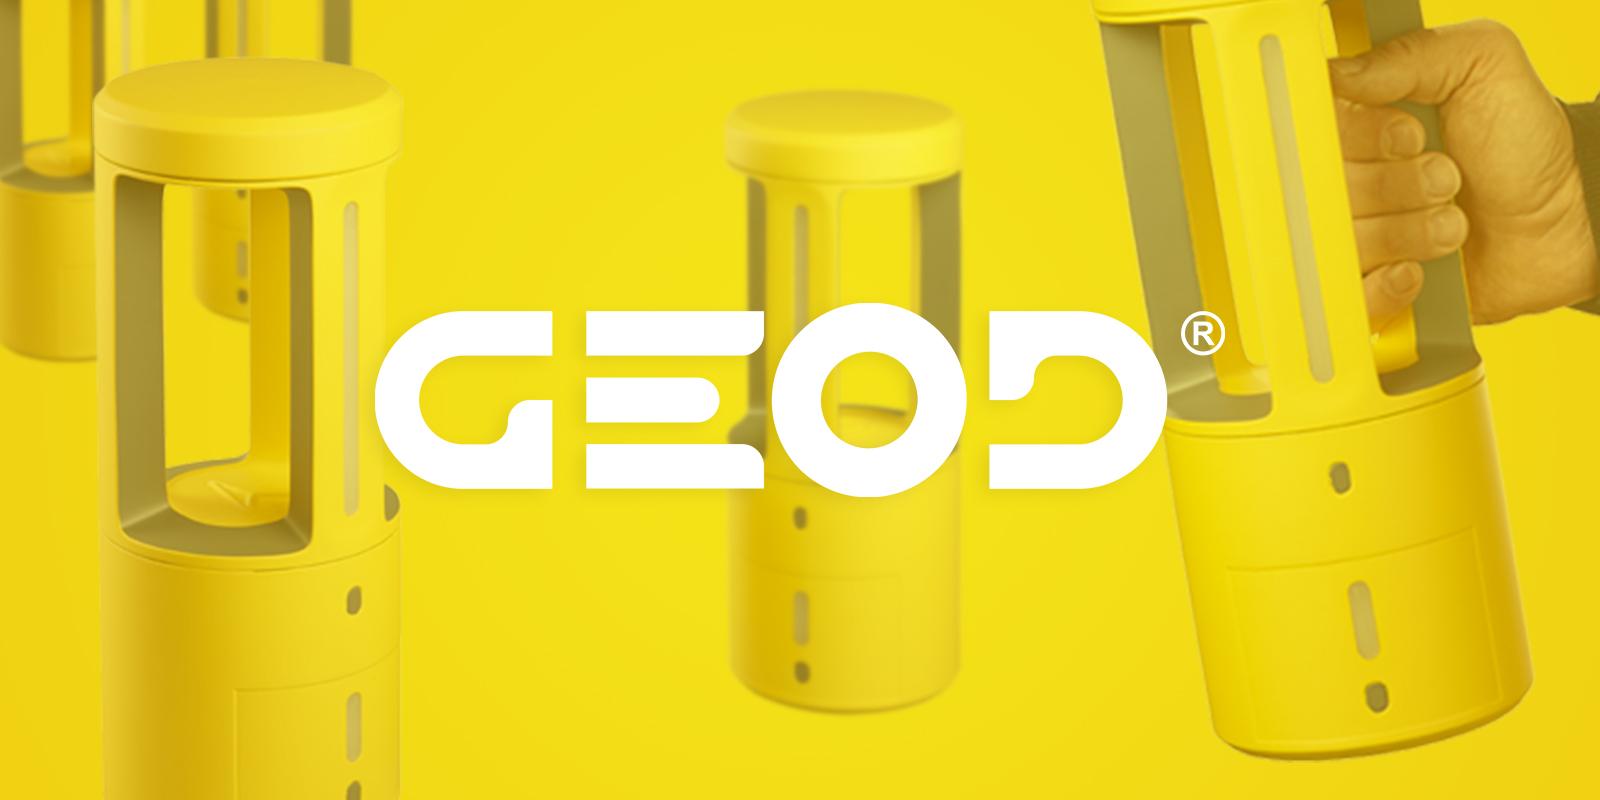 vignette geod logo